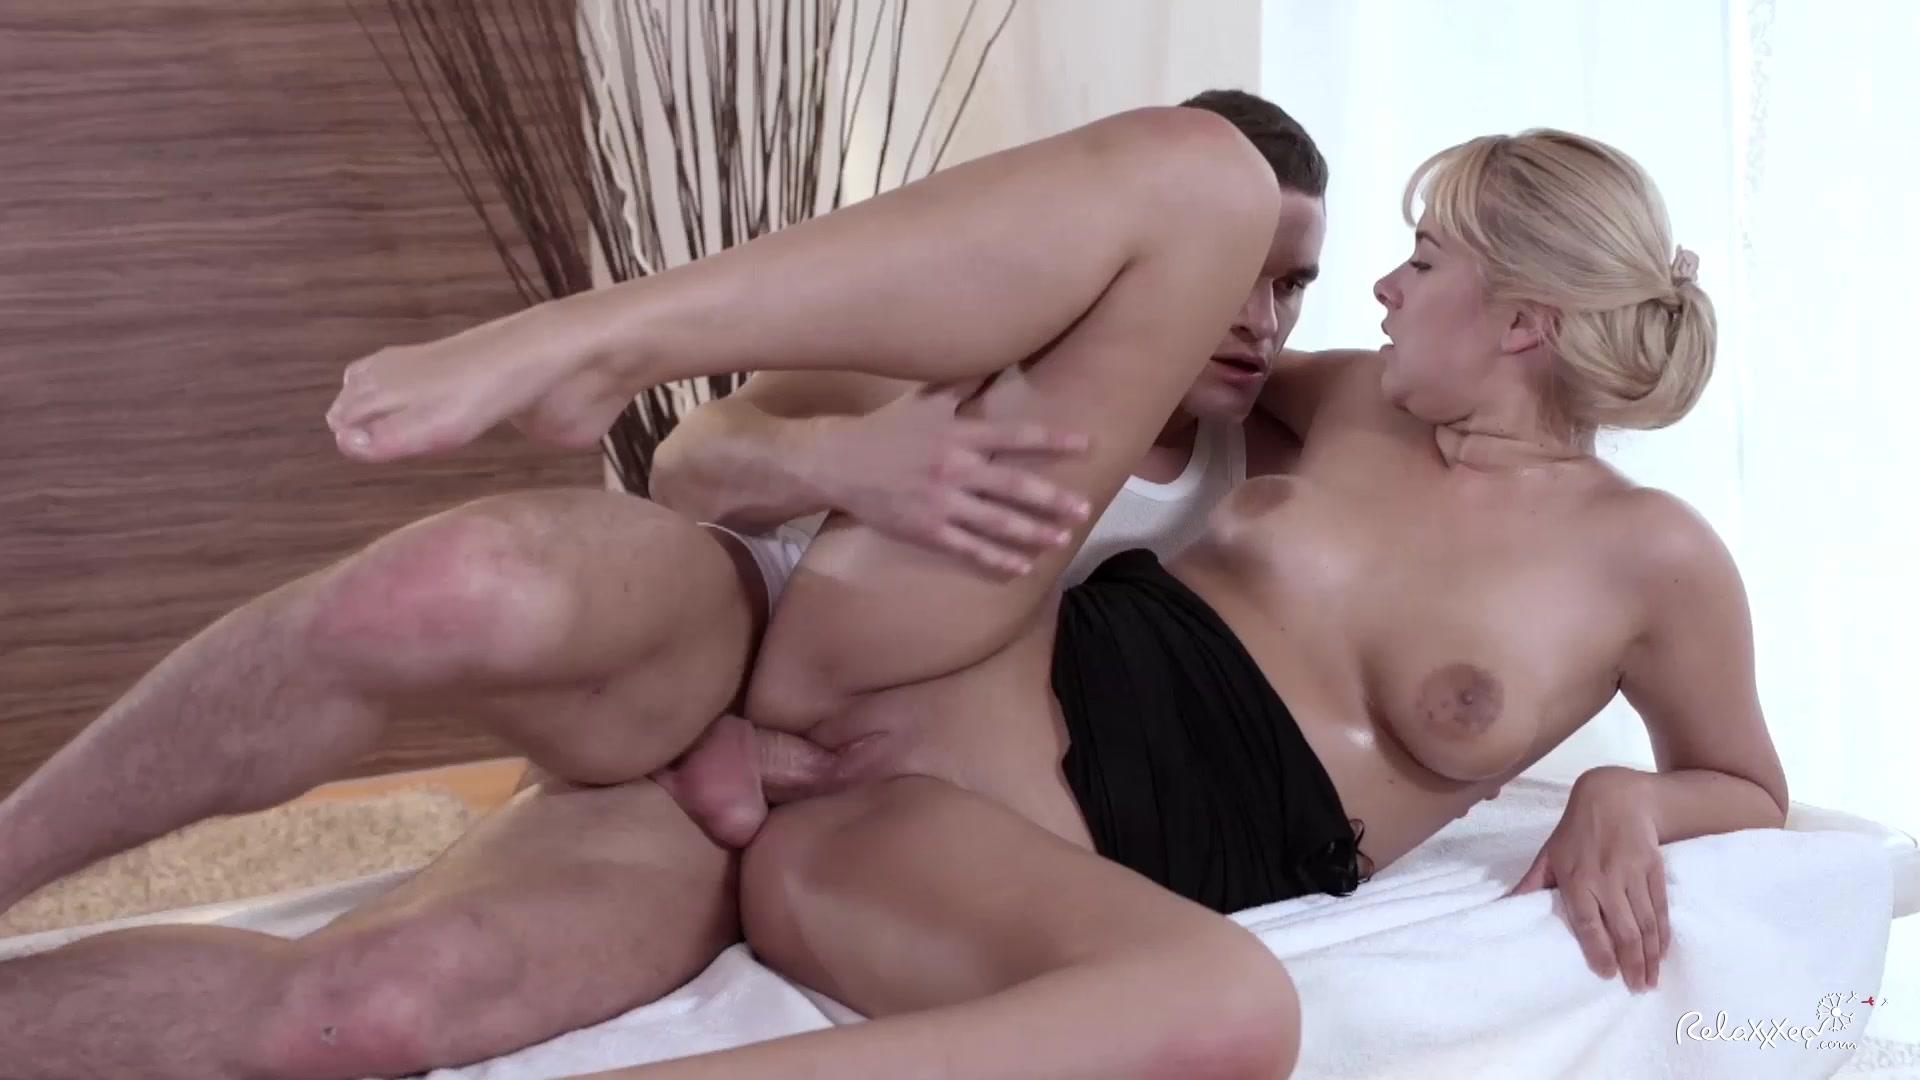 Hot blonde erotic